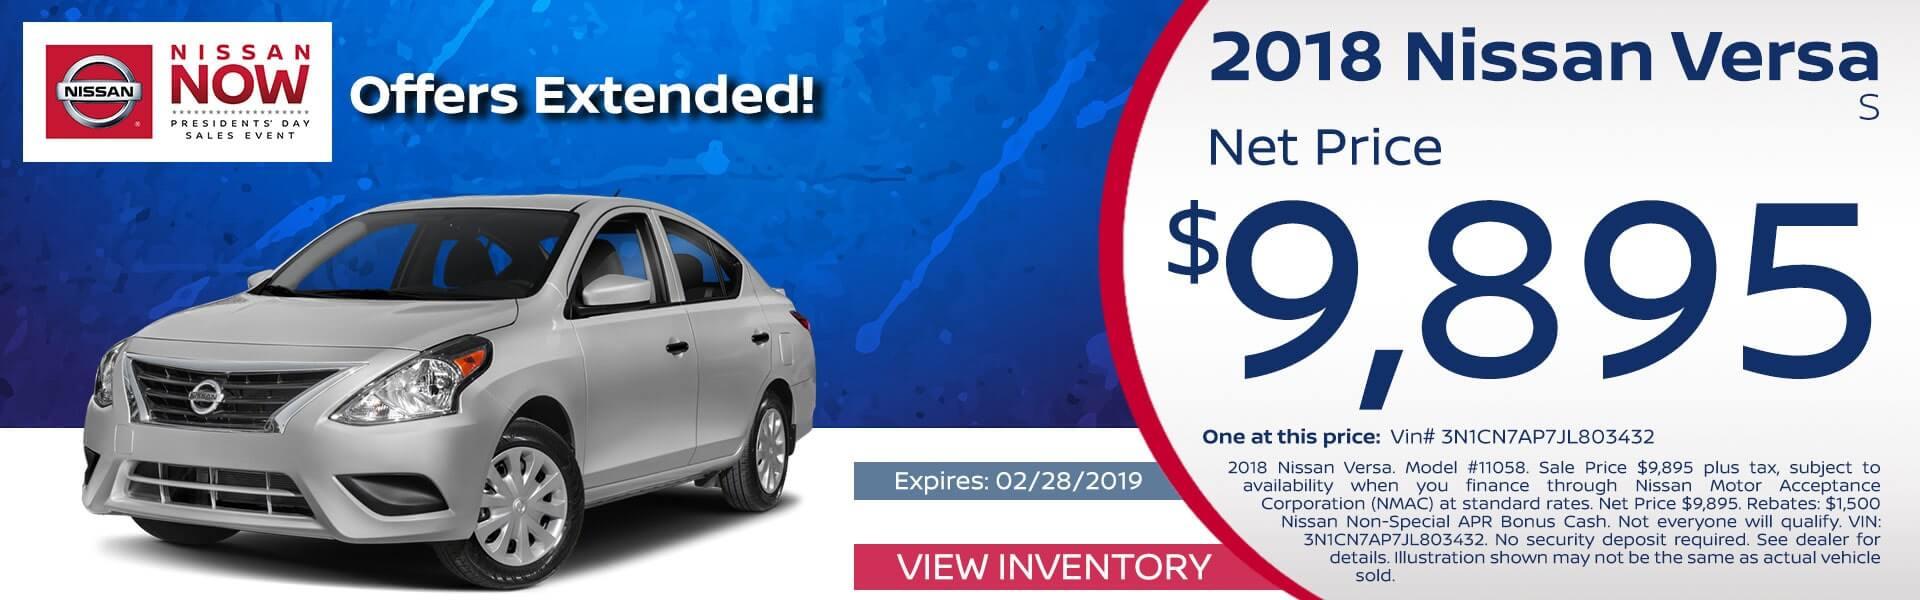 Versa Sedan Net Price